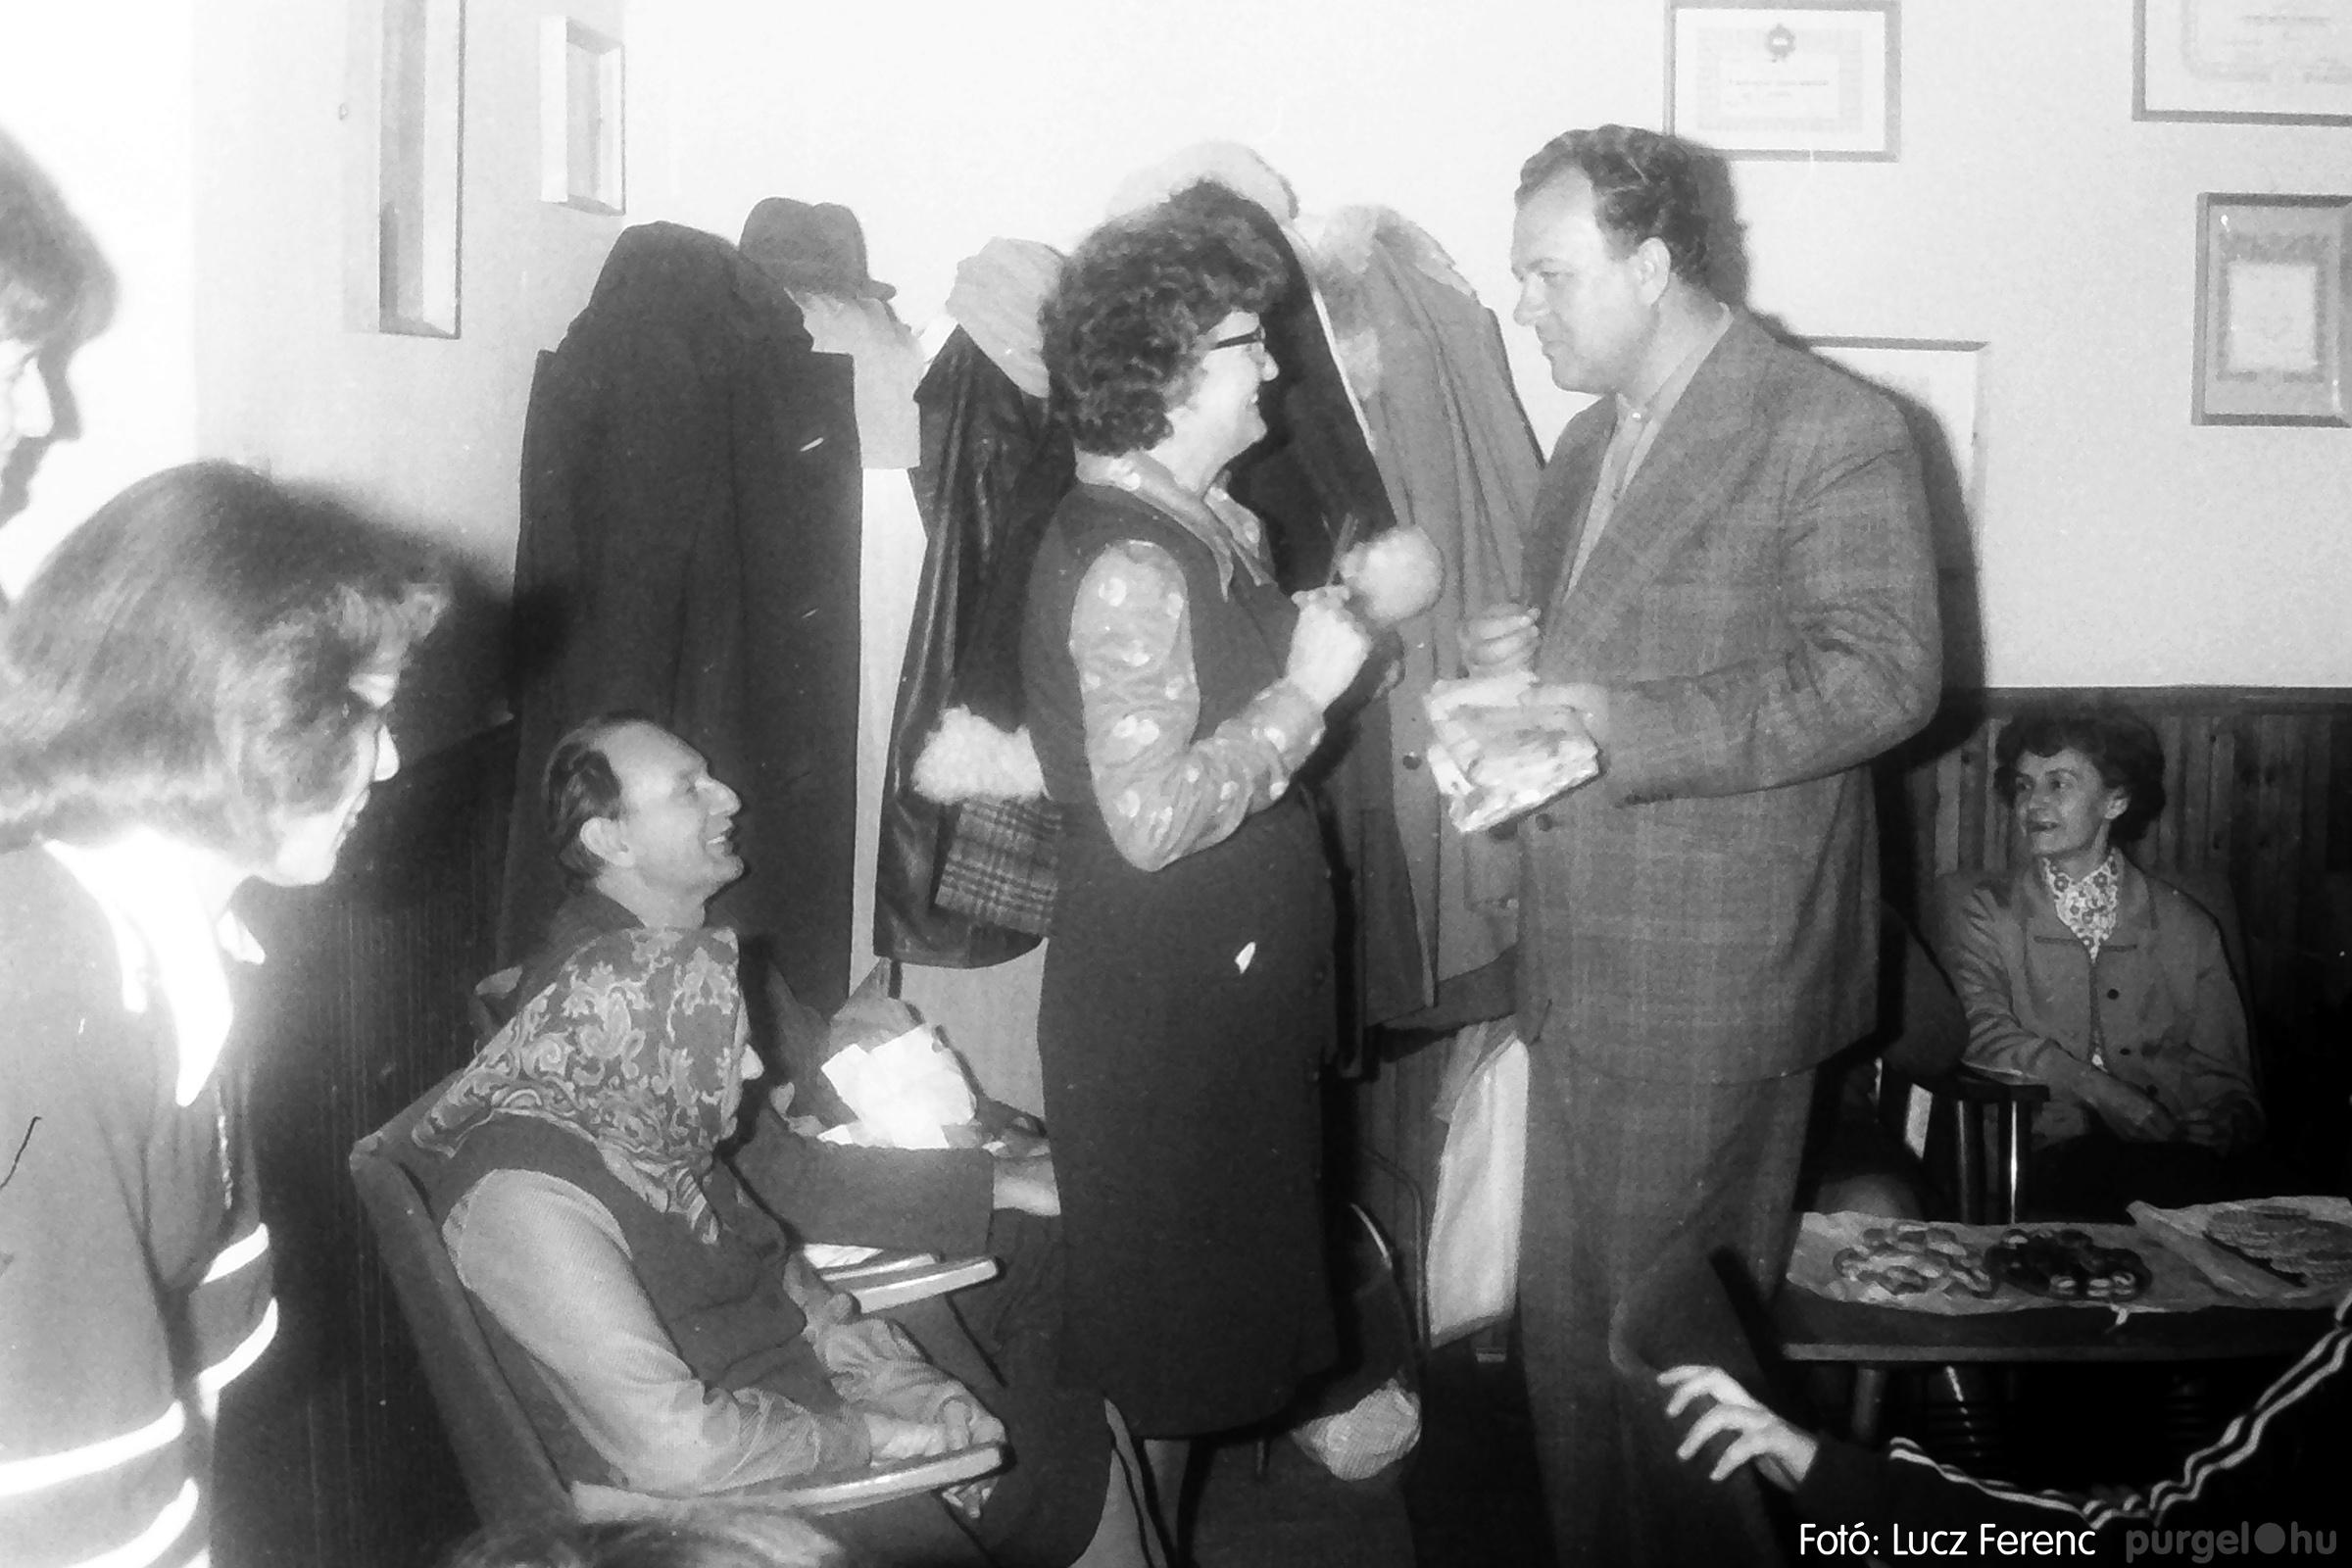 096. 1977. Karácsonyi összejövetel a kultúrházban 003. - Fotó: Lucz Ferenc.jpg